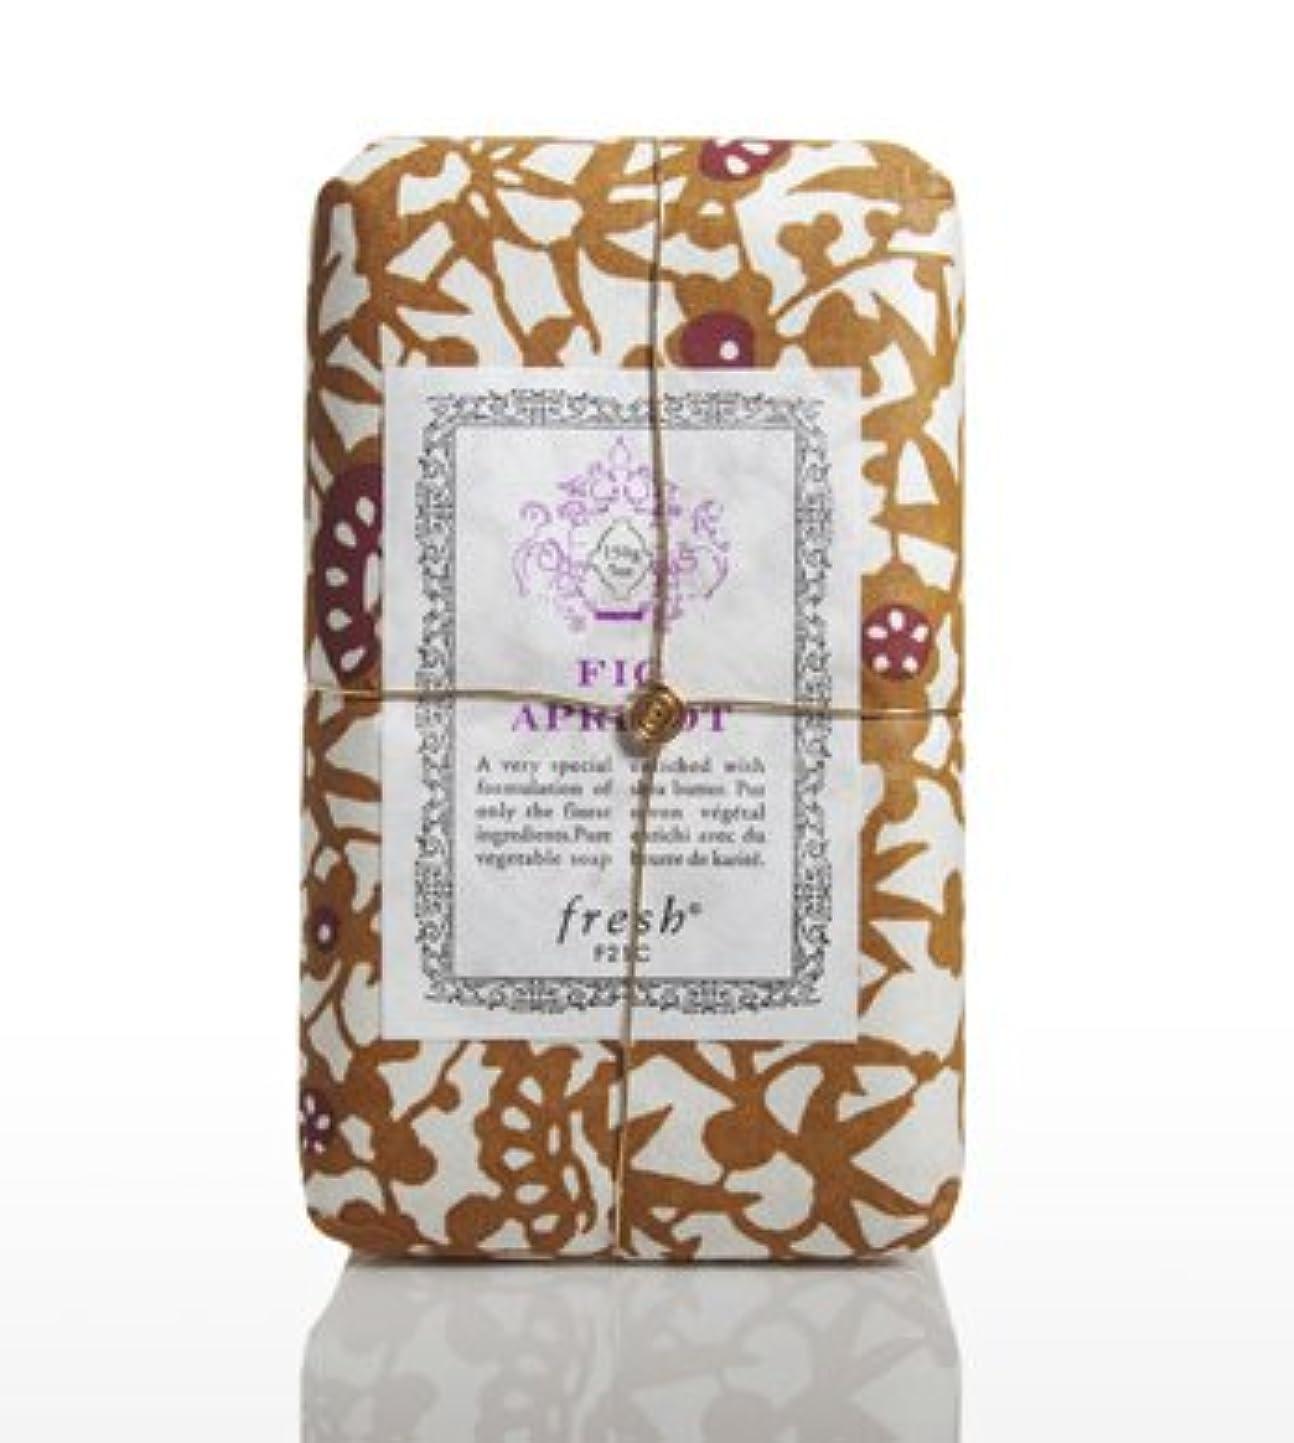 プランター試用突破口Fresh FIG APRICOT SOAP(フレッシュ フィグアプリコット ソープ) 5.0 oz (150gl) 石鹸 by Fresh